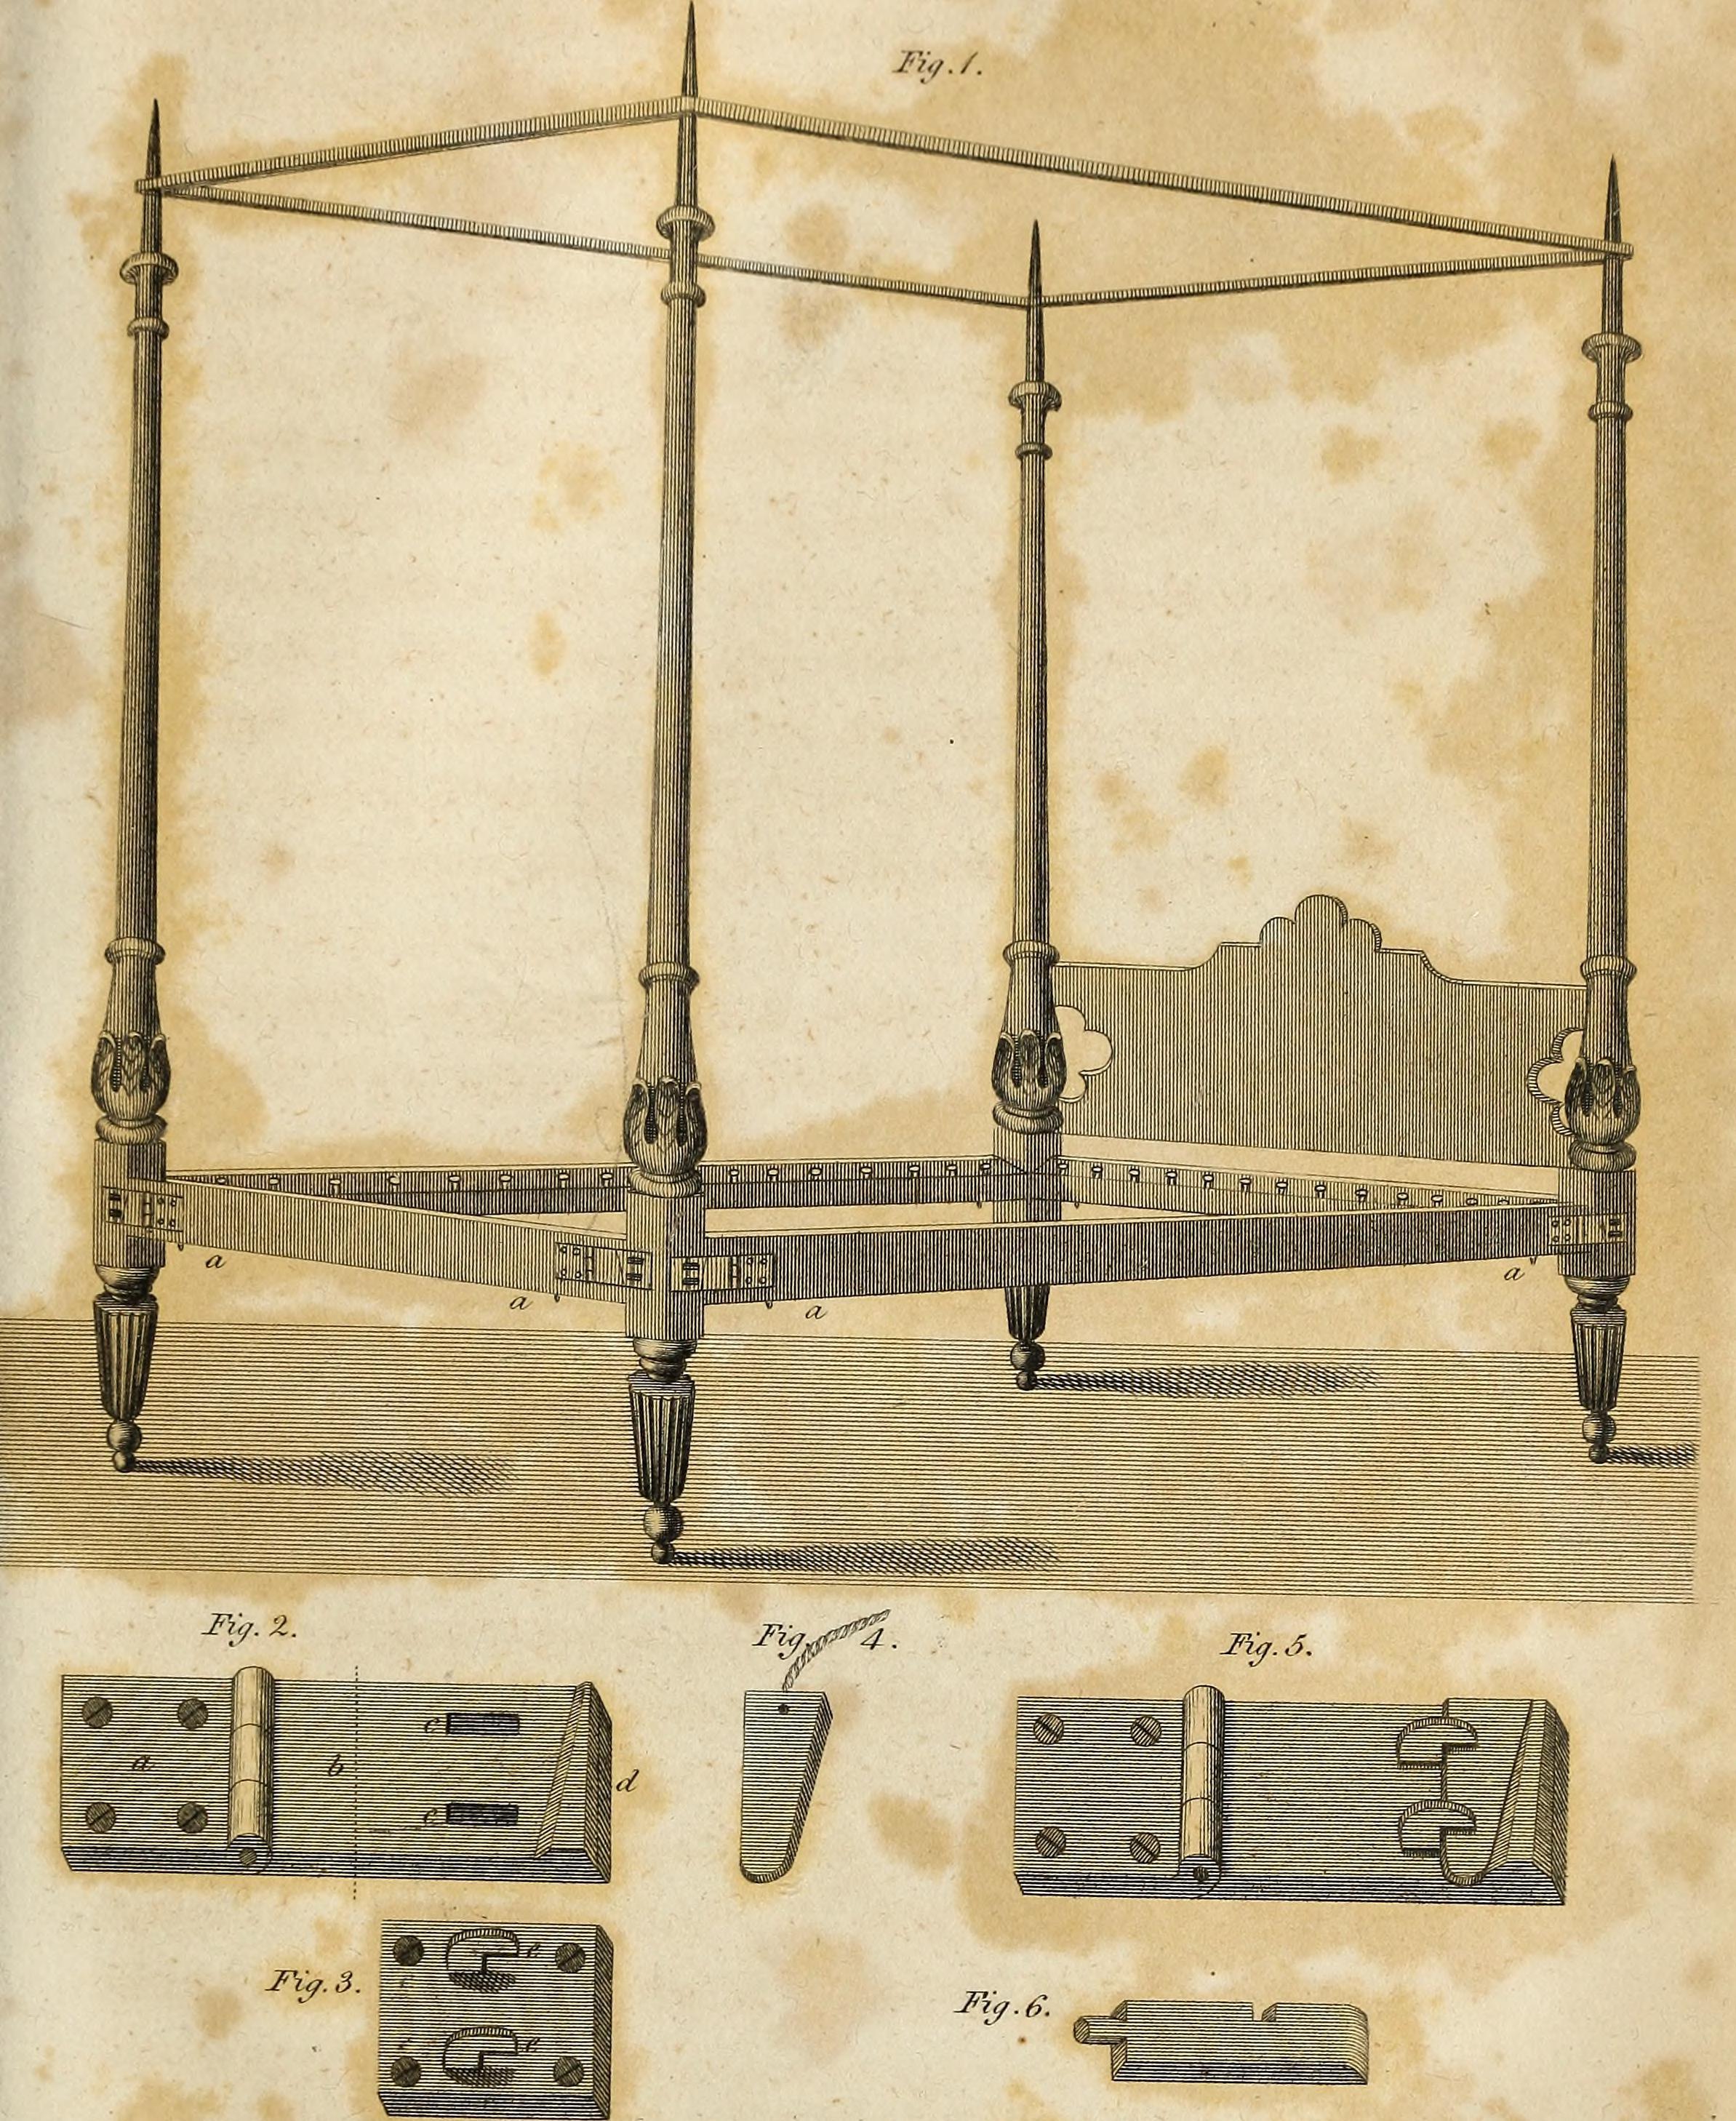 File:The Emporium of arts and sciences (1812) (14766259125).jpg